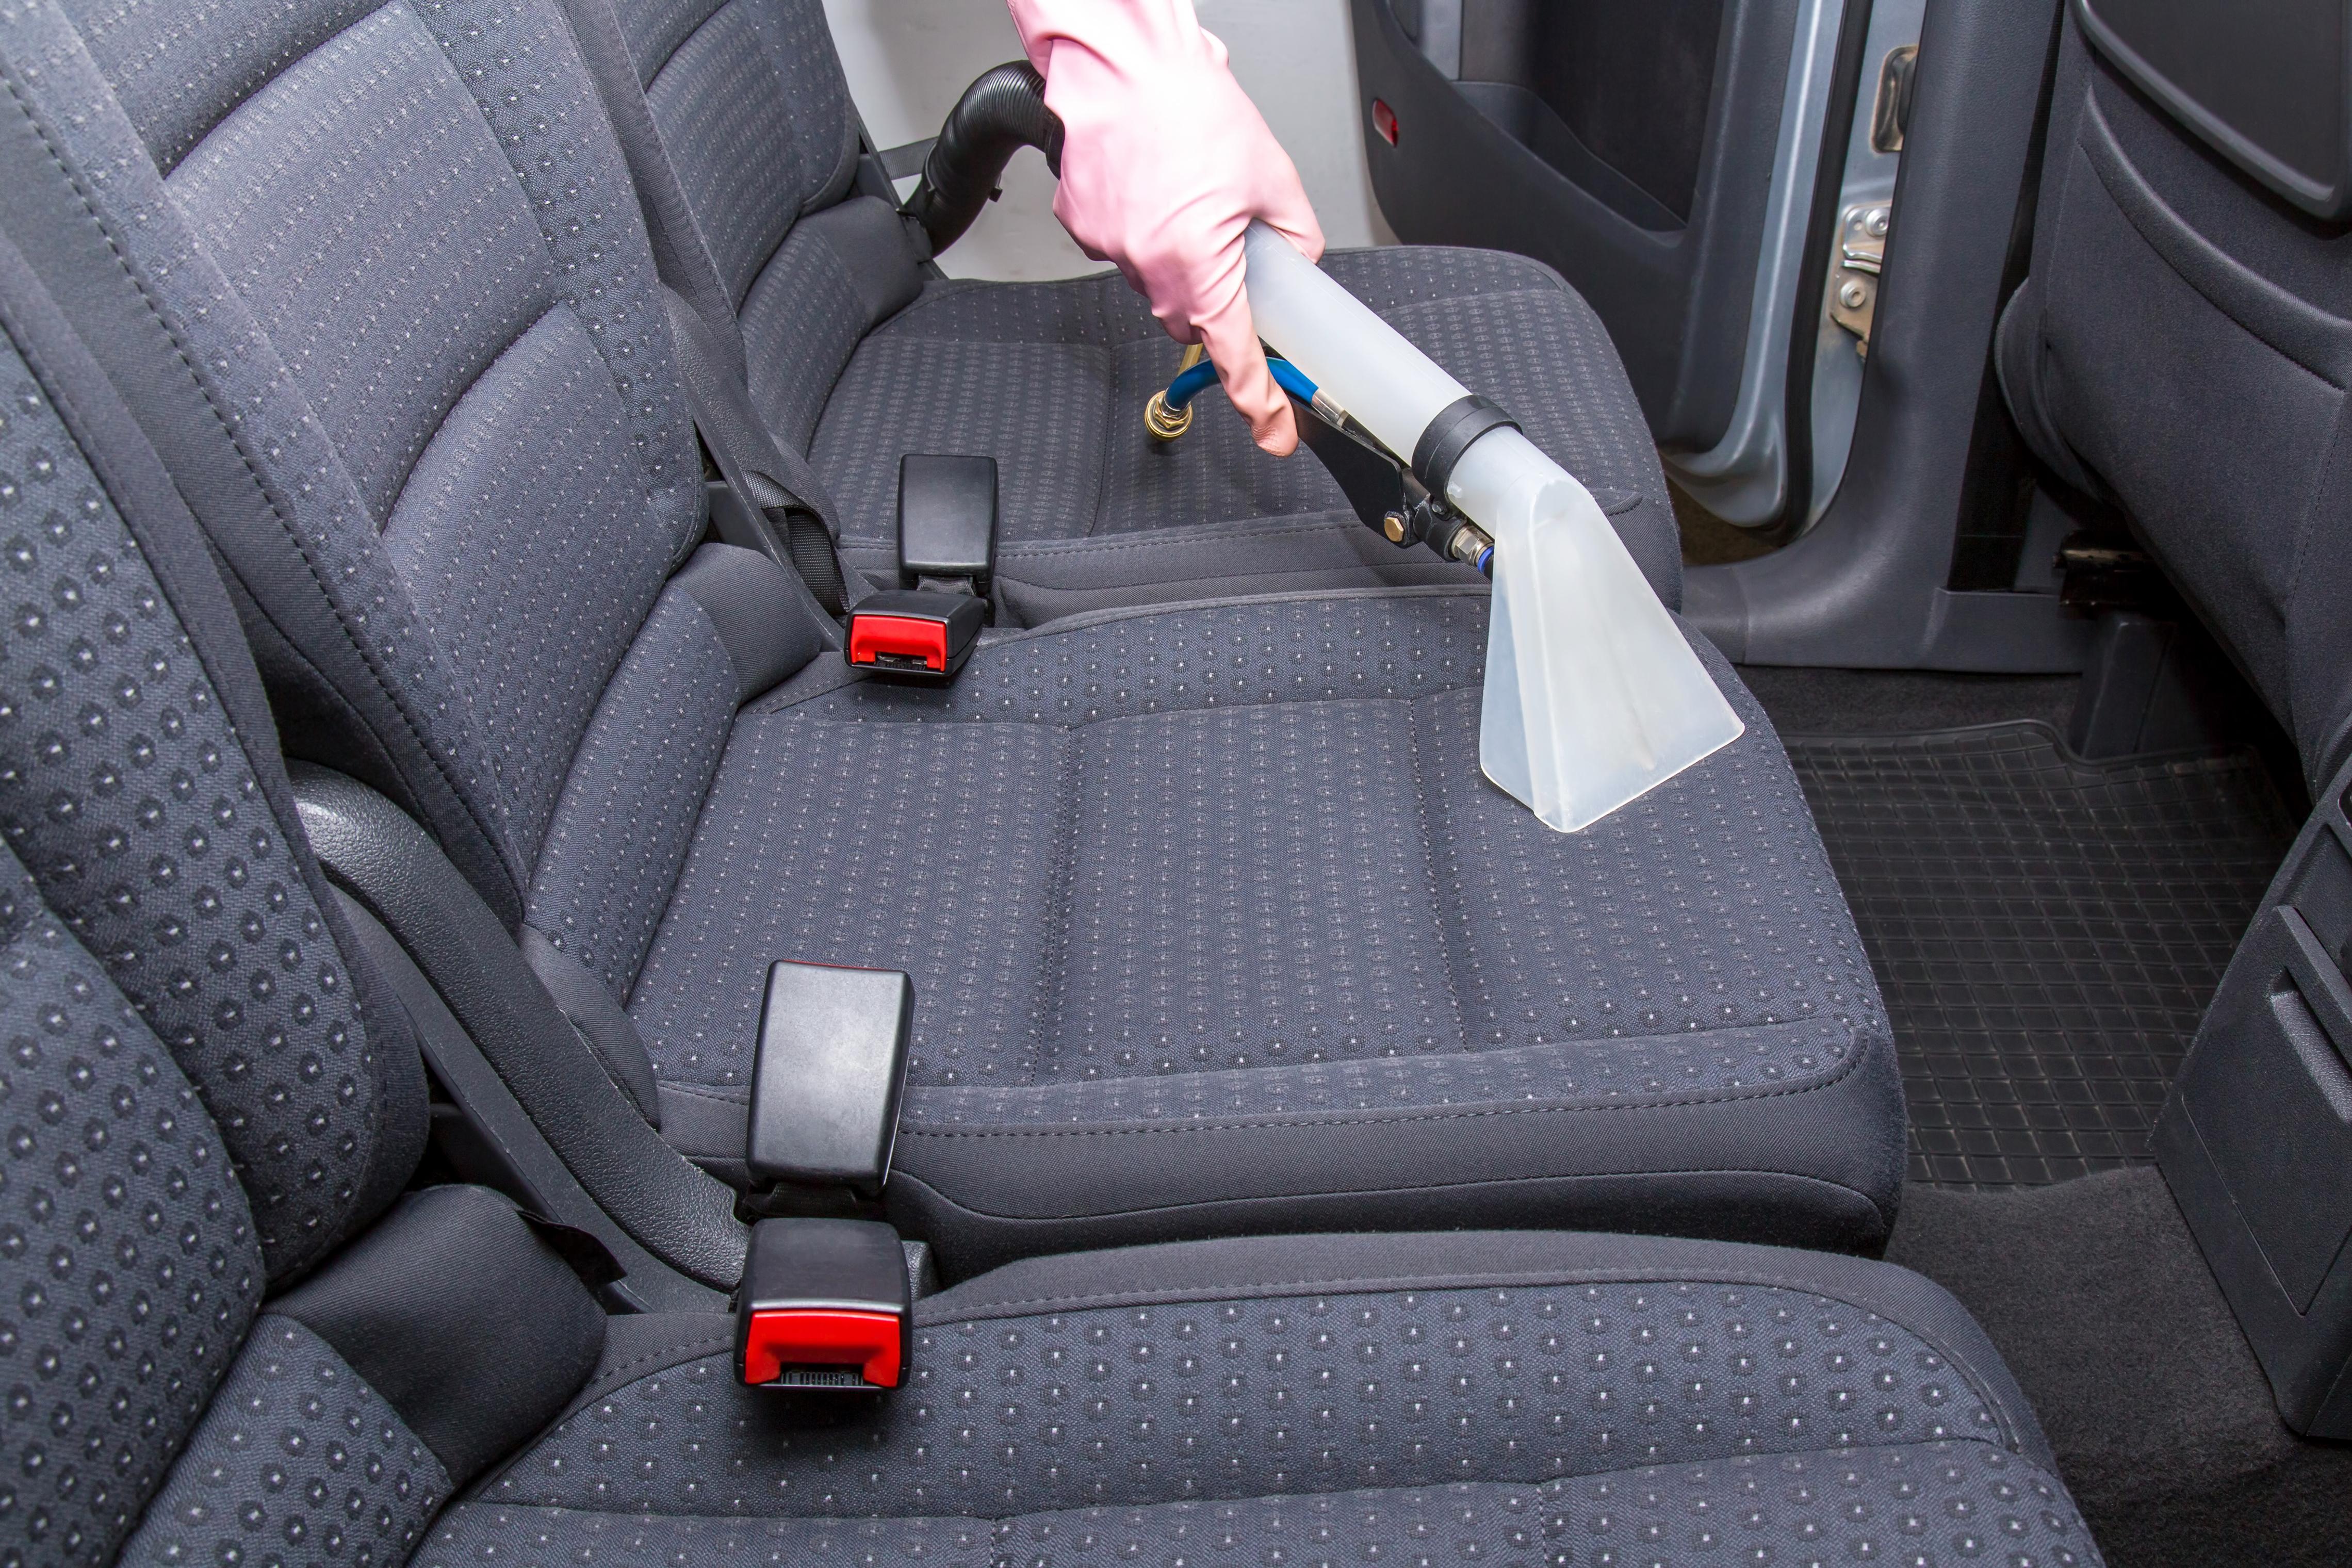 Dampfreiniger Fur Autositze So Reinigen Sie Ihr Auto Bestens